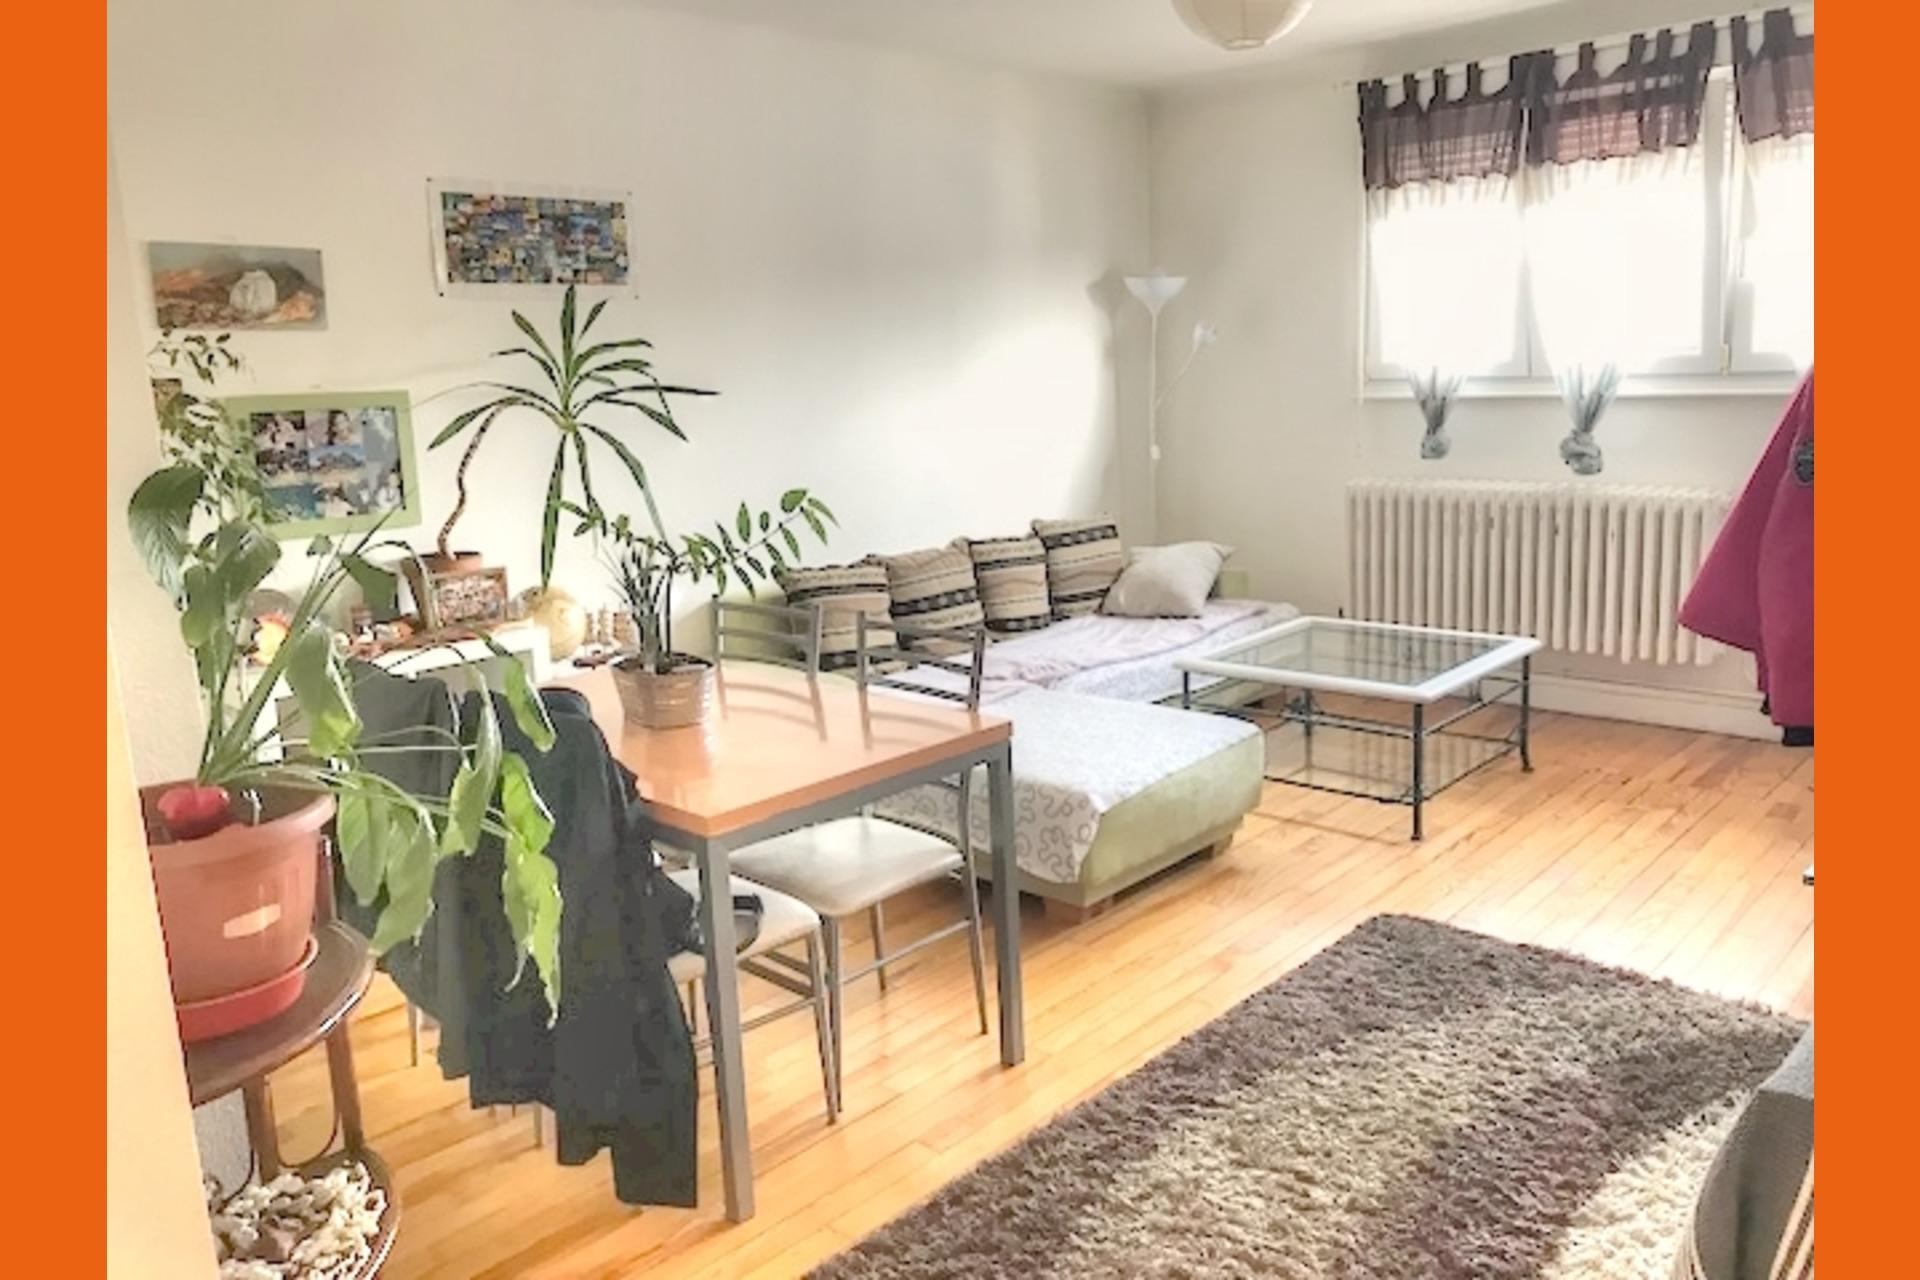 image 0 - Appartement À louer Montigny-lès-Metz